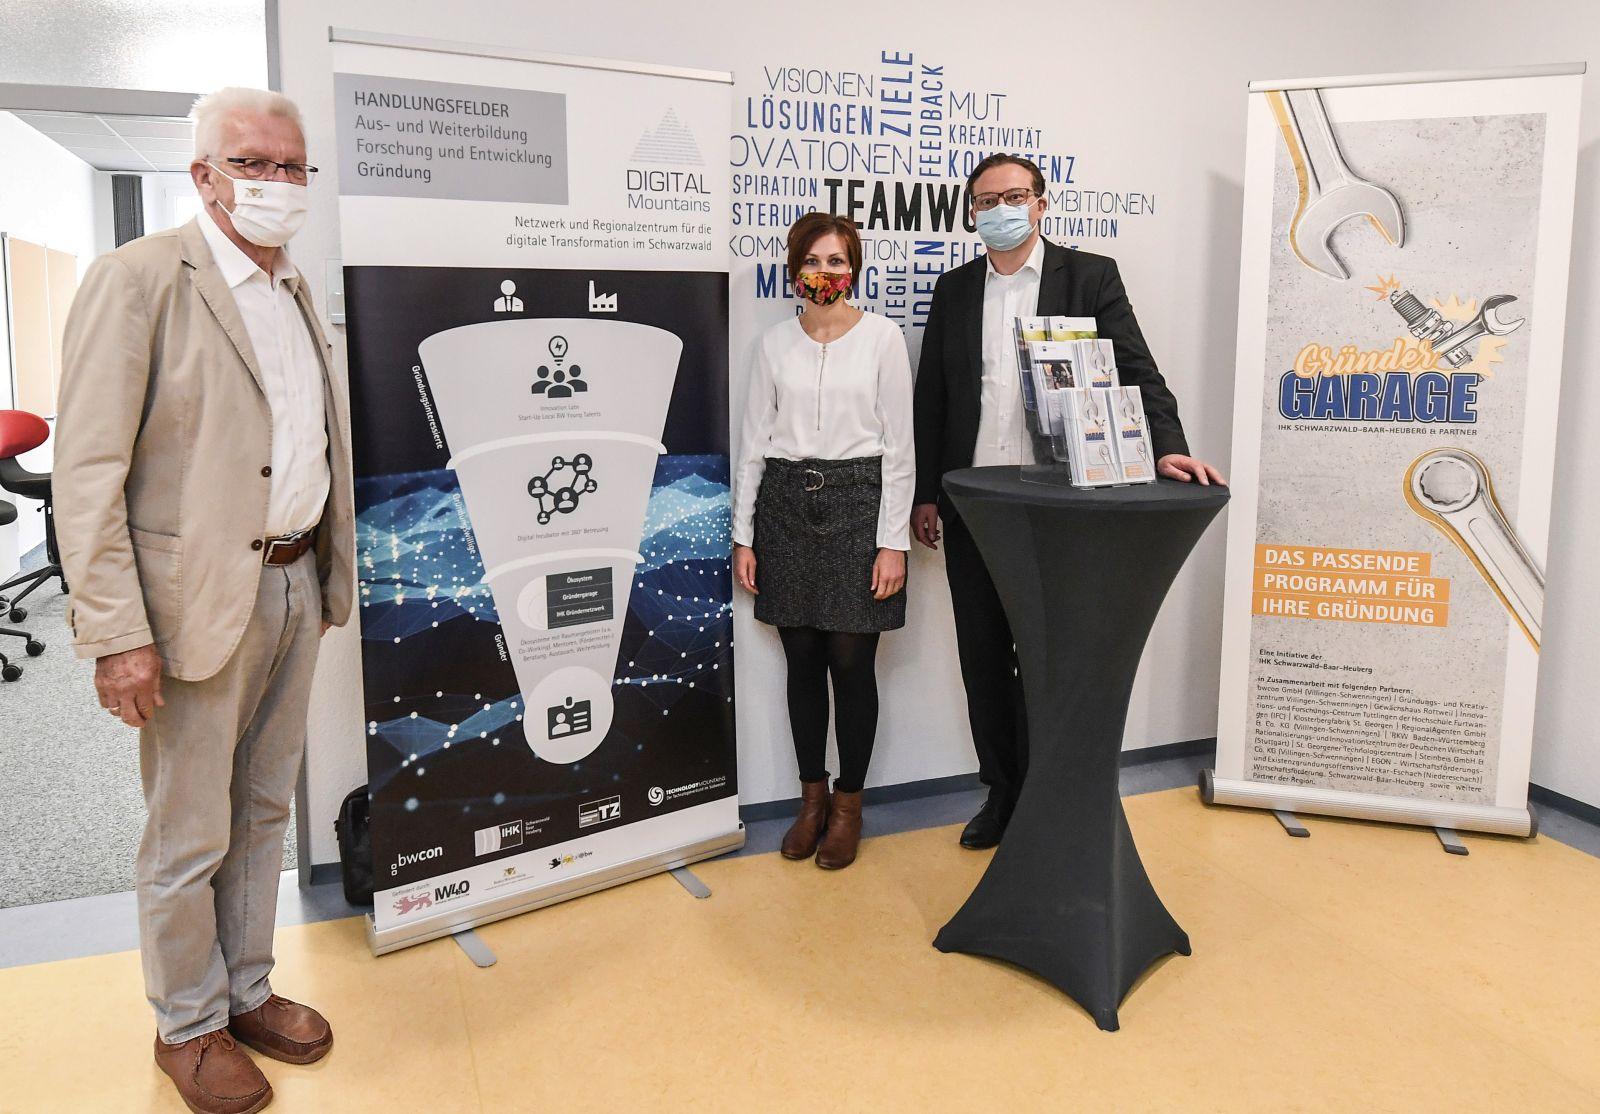 Marlene Hauser und Thomas Wolf stellen Ministerpräsident Winfried Kretschmann auf seiner Sommertour durch das Land das neue Gründungsprogramm für die Region vor.  Foto: IHK